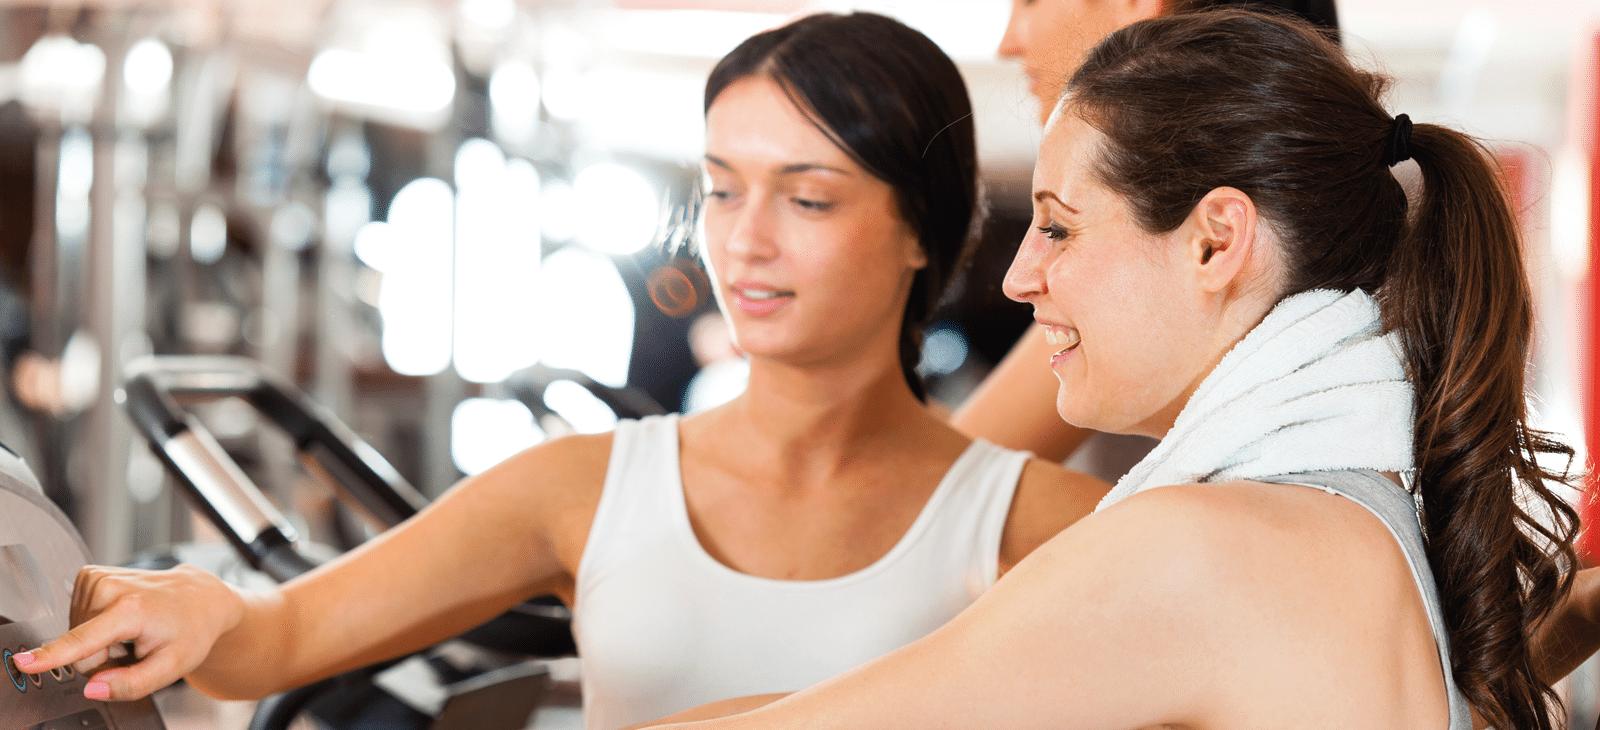 Trainerin-erklärt-die-Übung-1600x730px